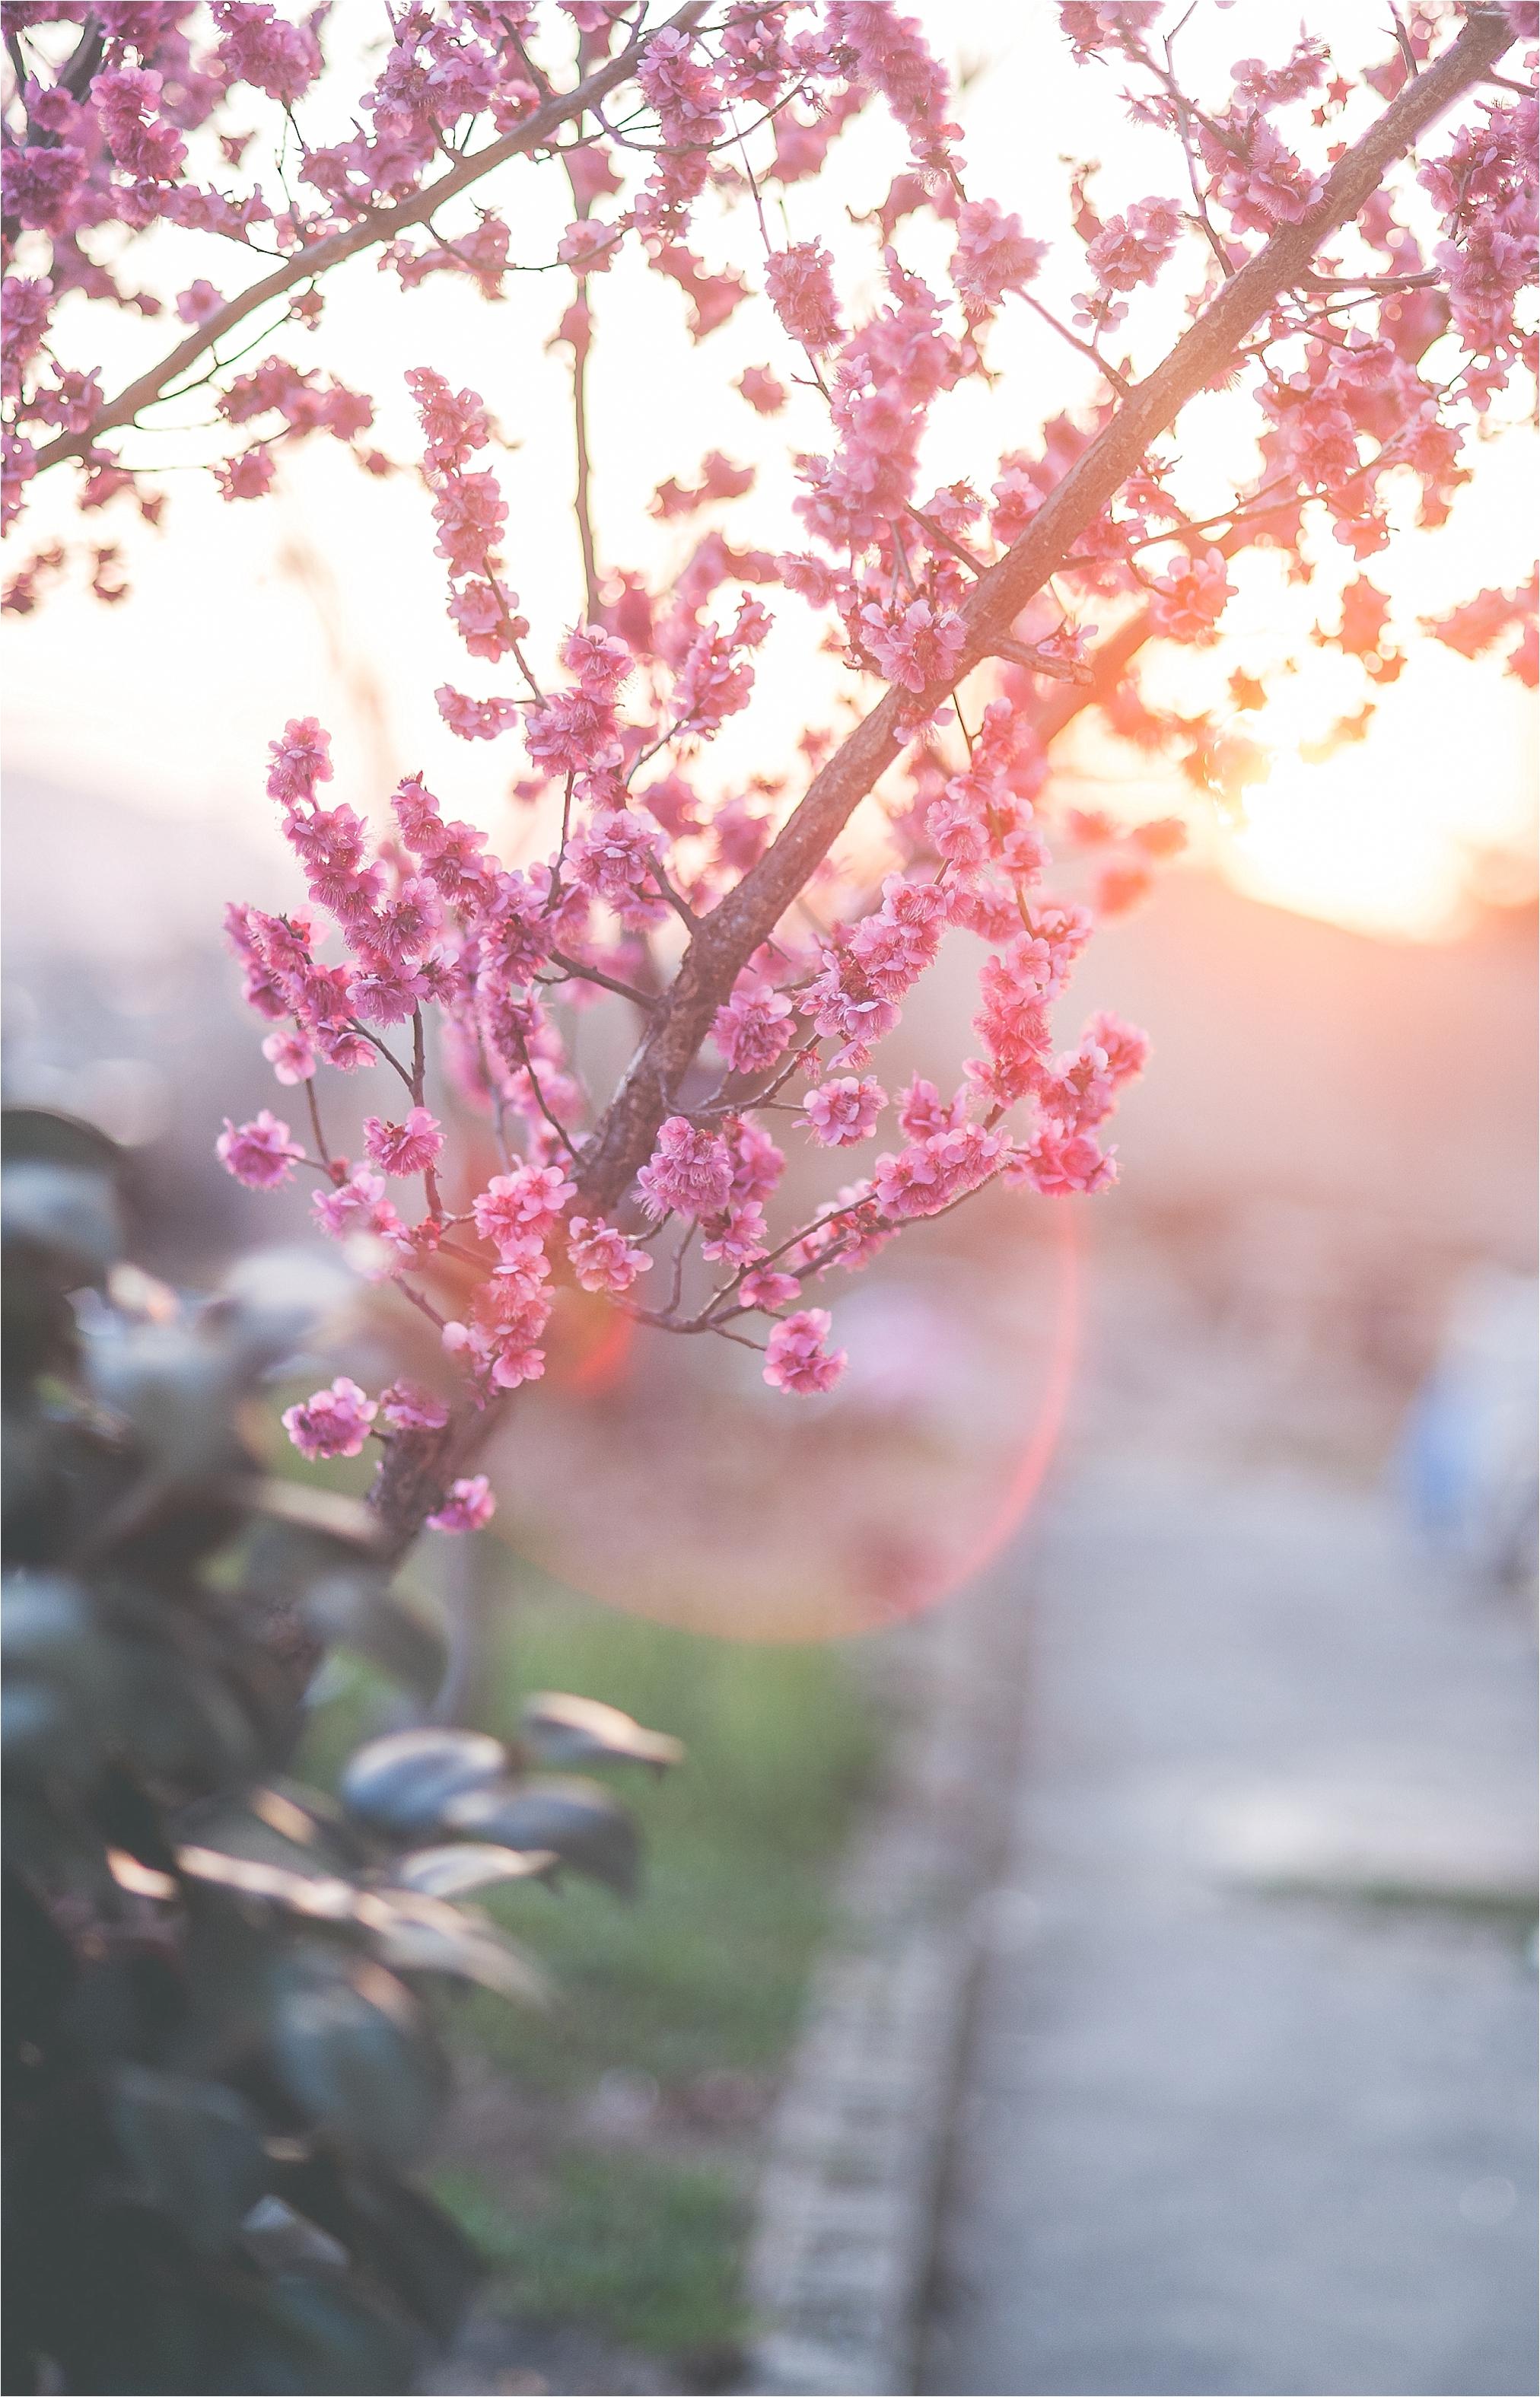 SpringBlossomsInSouthKorea_0033.jpg